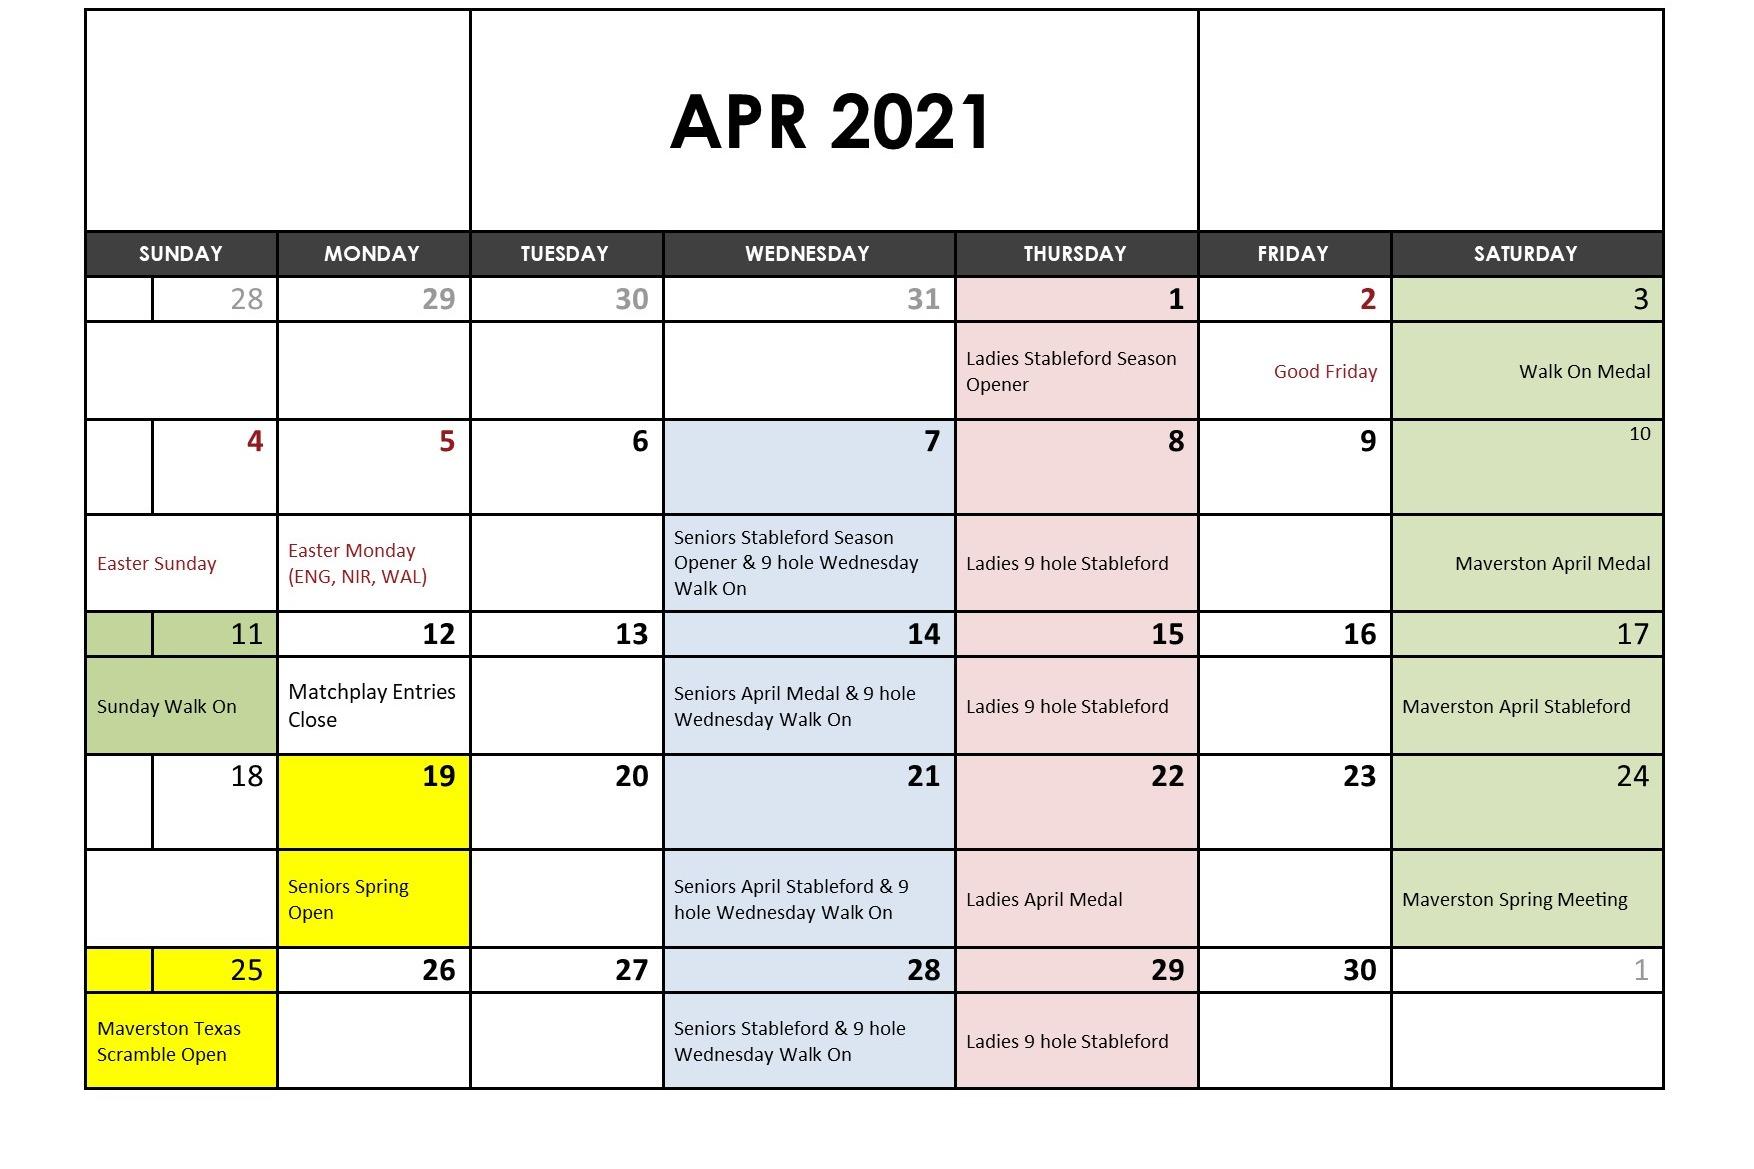 April 2021 Fixtures